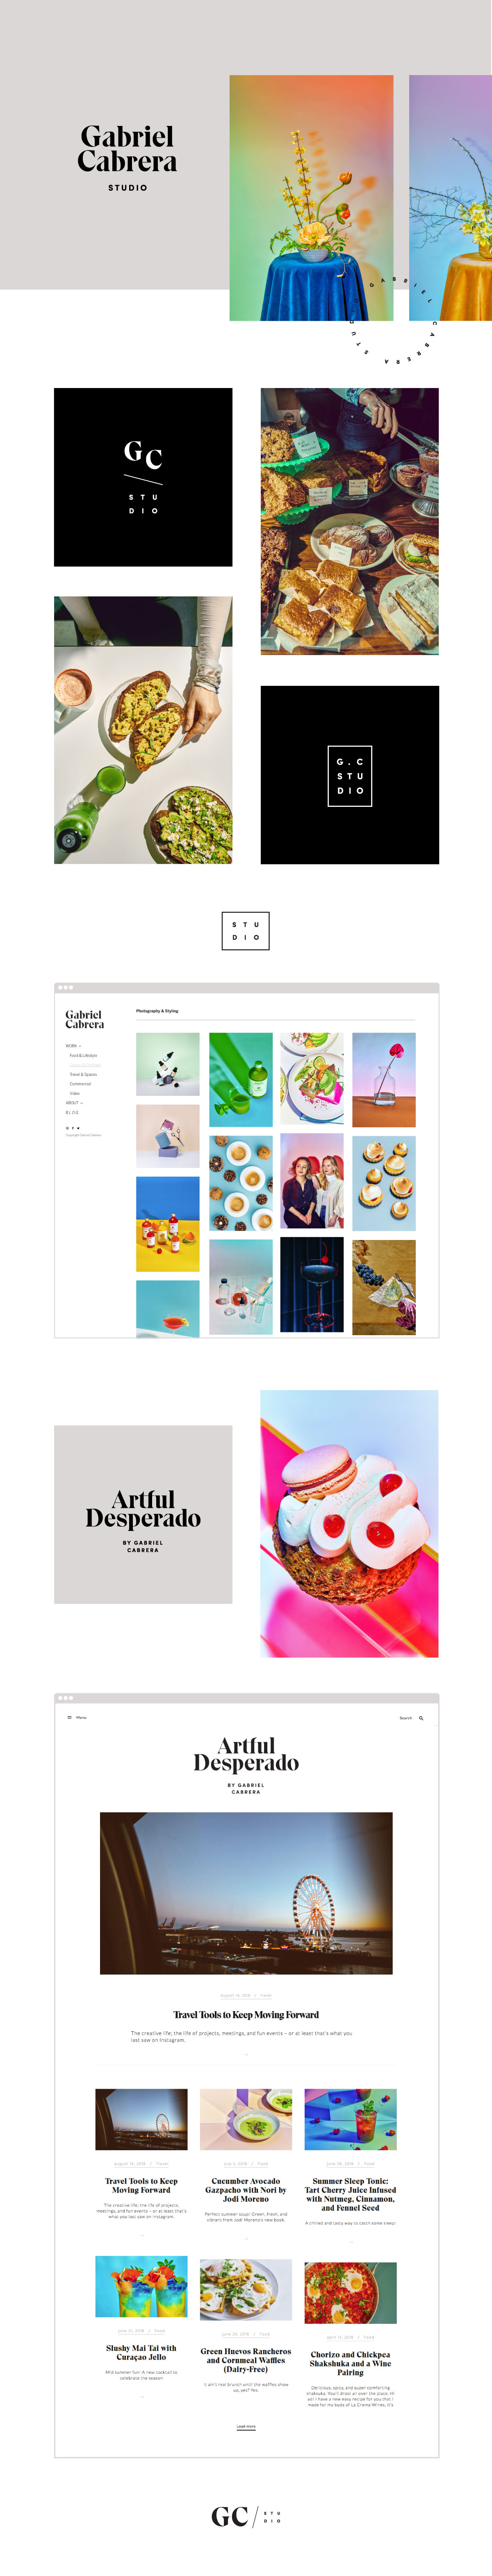 Gabriel Cabrera Photography Studio Branding | www.alicia-carvalho.com